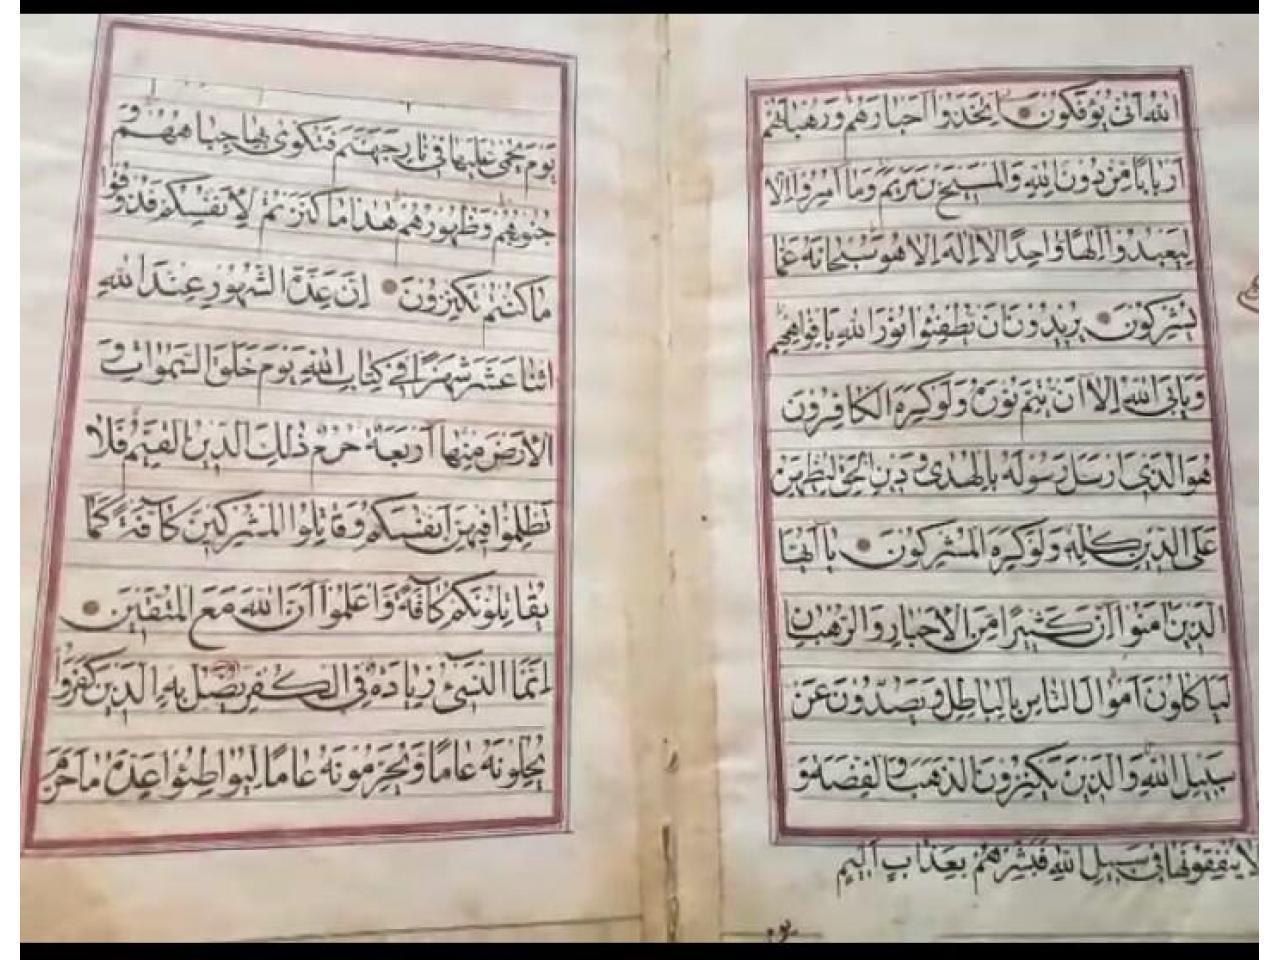 Стариный книга полавино 17 века рукапис - 2